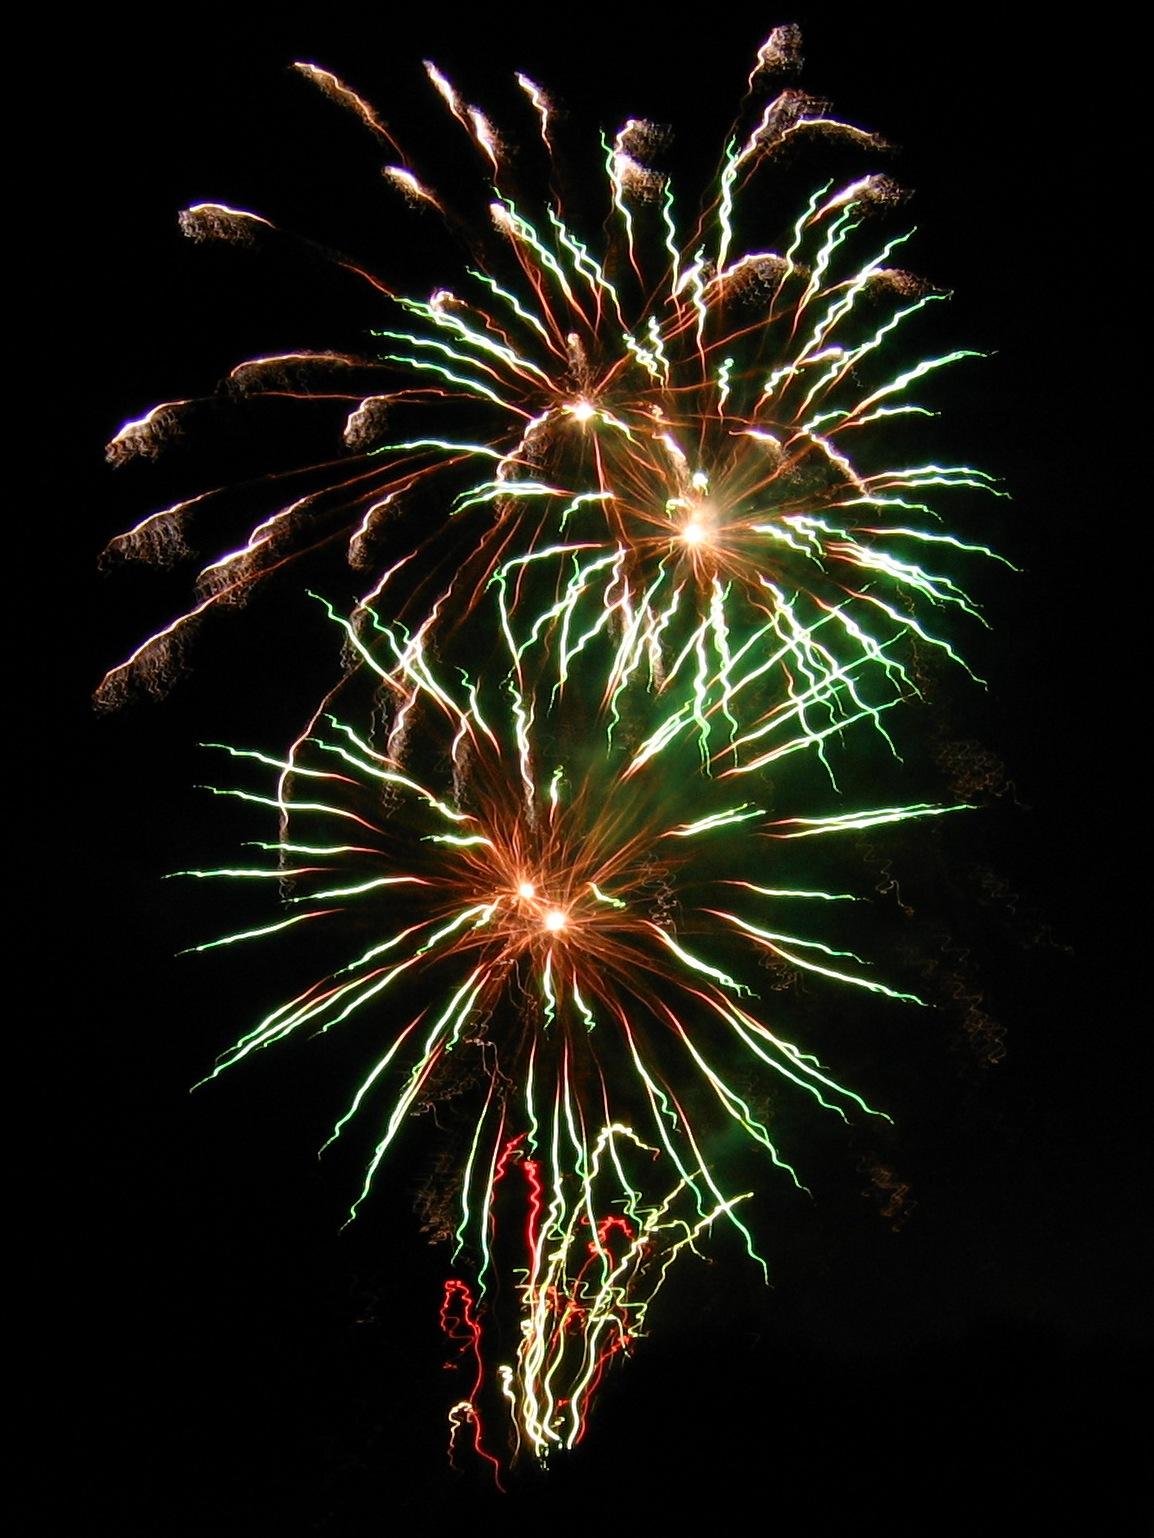 Algarrobo Al Dia Fuegos Artificiales De Ano Nuevo